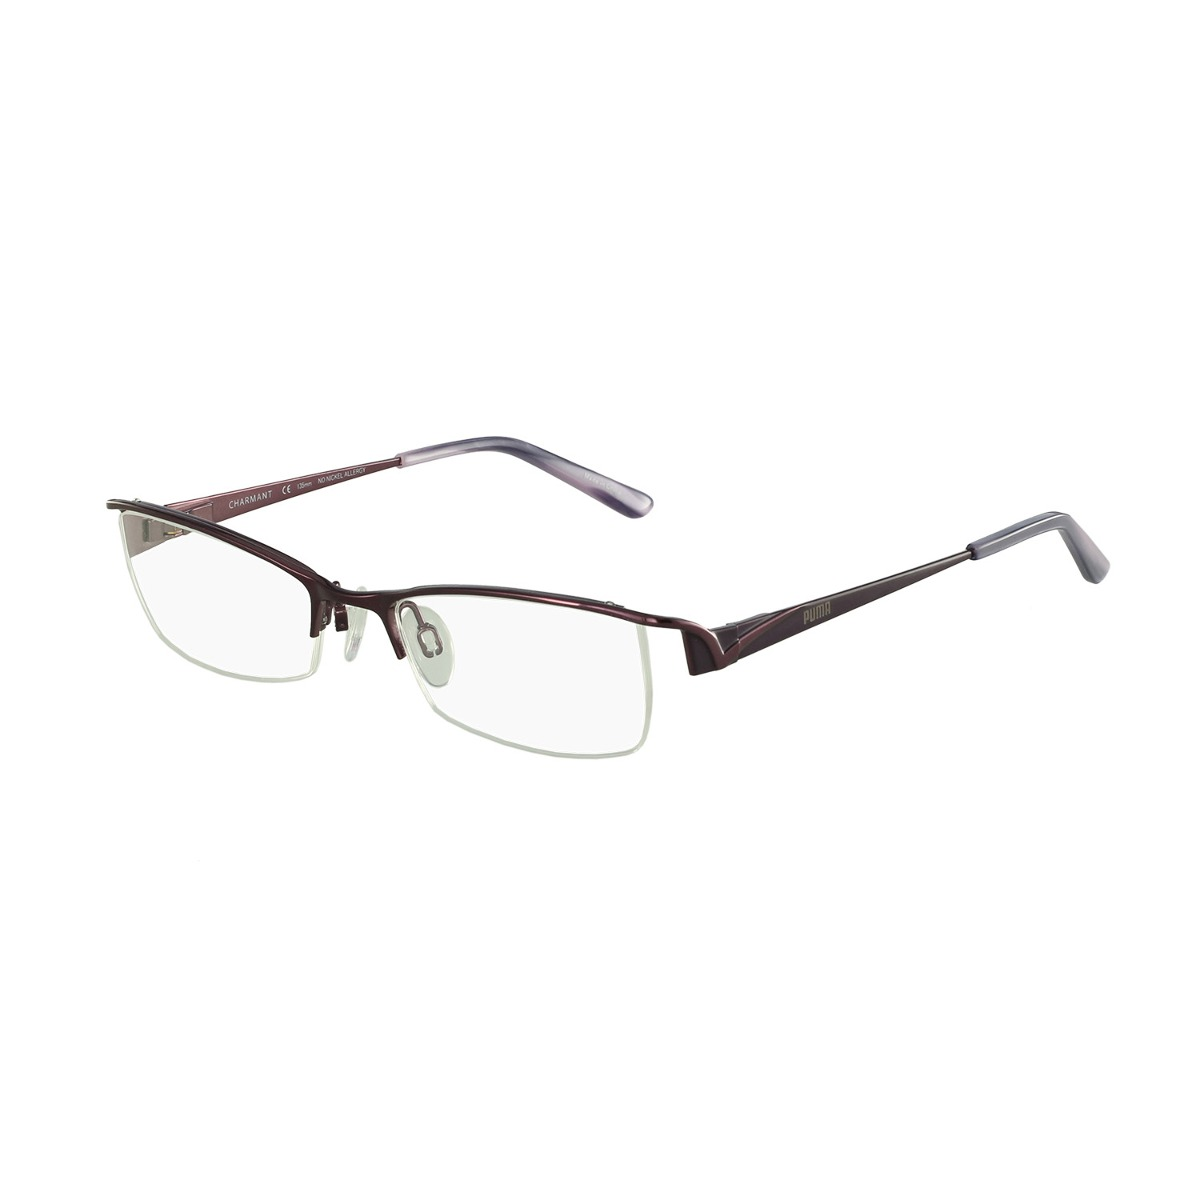 4987b4483 Óculos De Grau Puma Clássico Rosa 19167 - R$ 189,00 em Mercado Livre